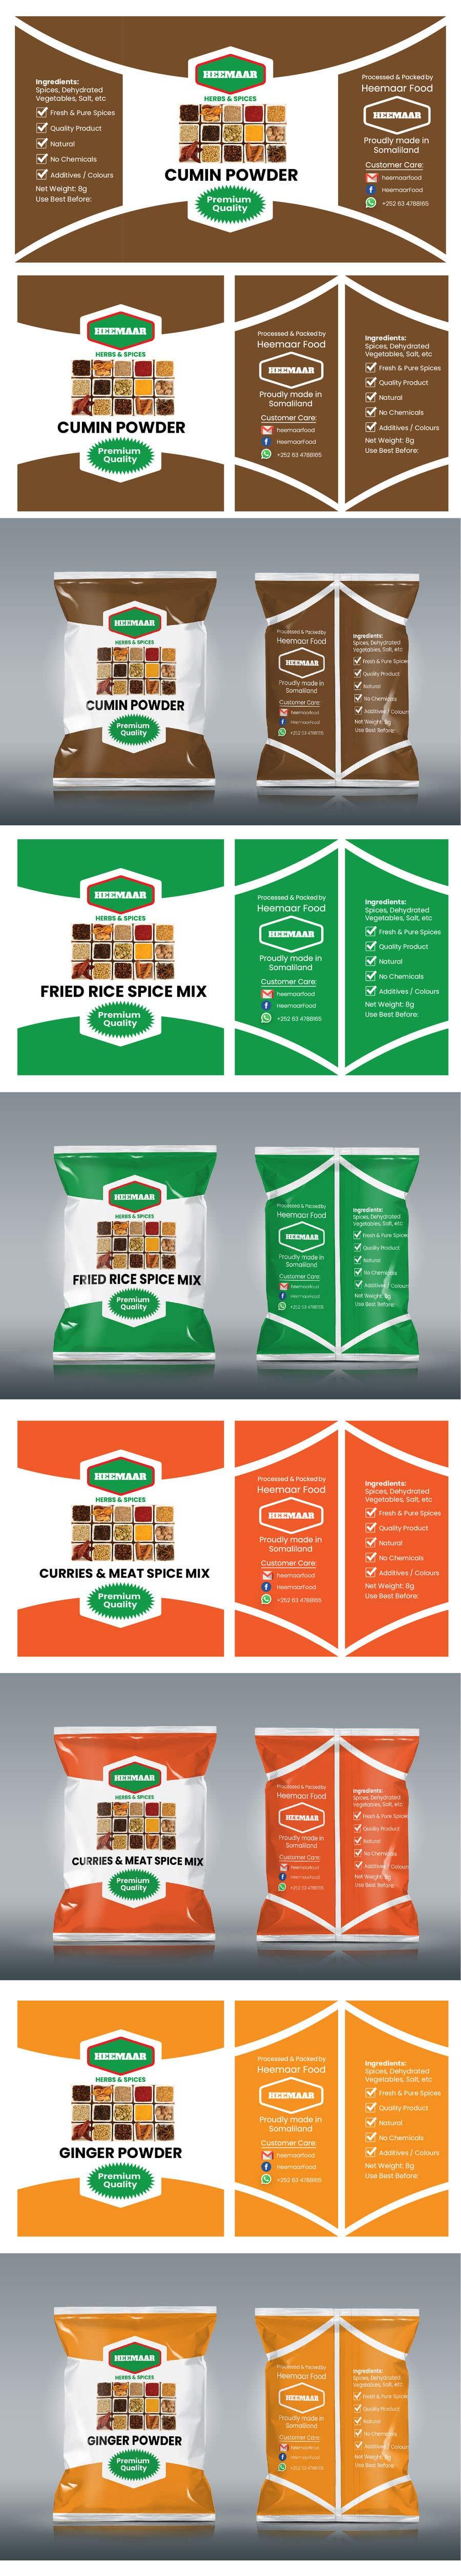 Inscrição nº                                         40                                      do Concurso para                                         Spice Pouch Packaging Design